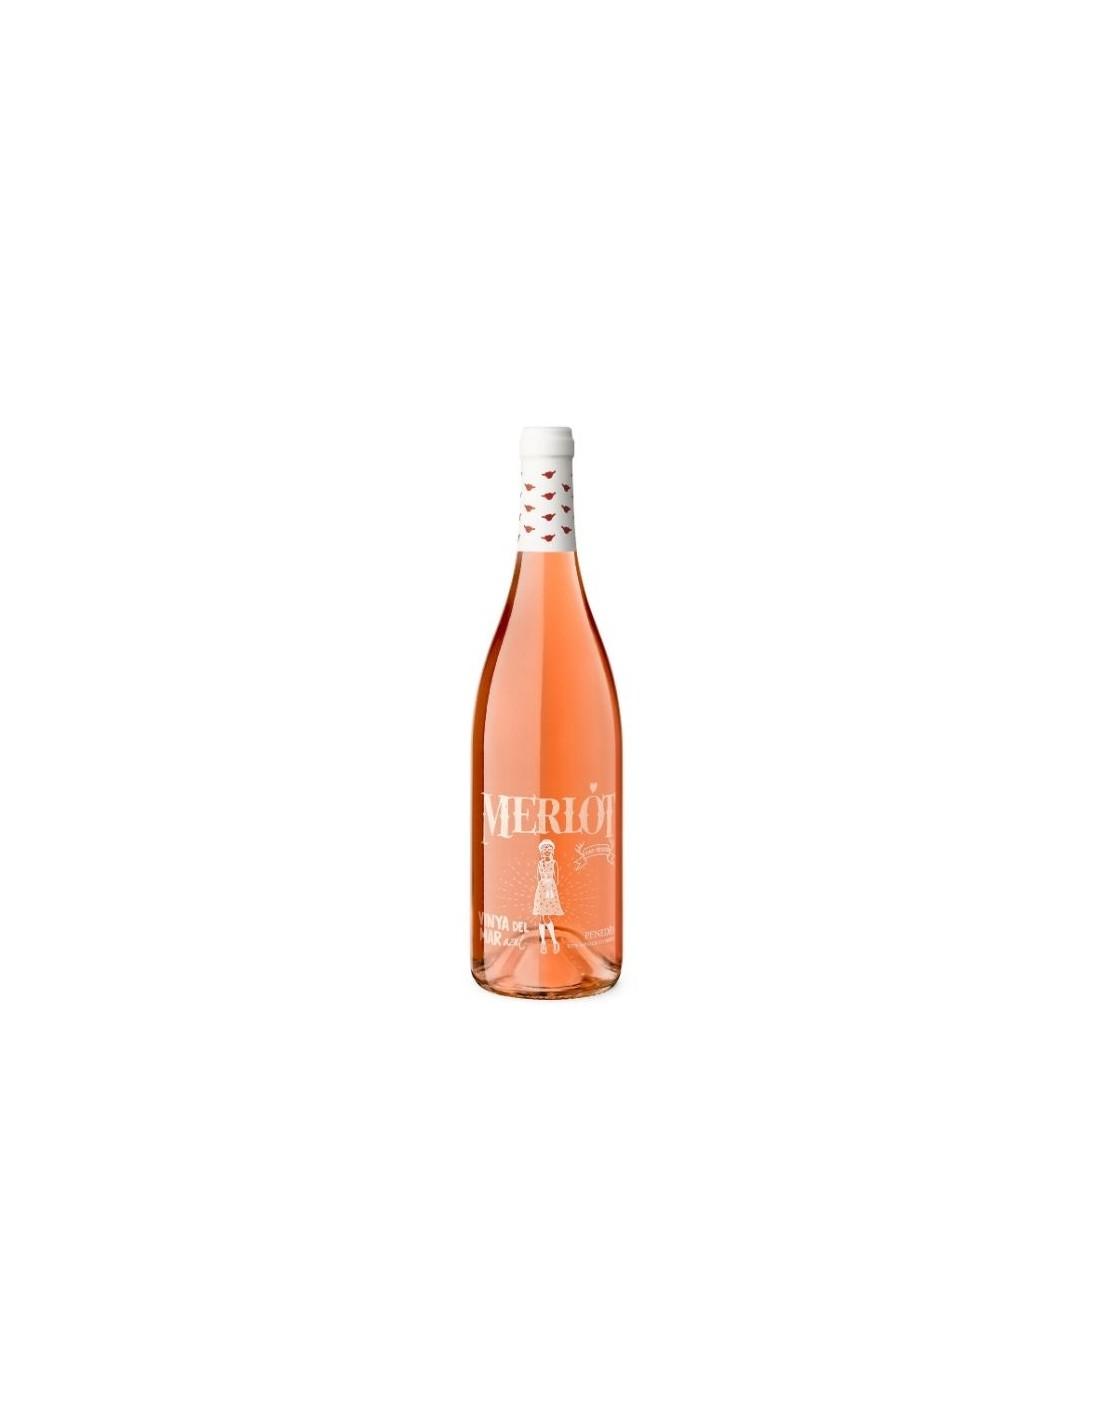 Vin roze, Merlot, Vinya del Mar, 11.5% alc., 0.75L, Spania